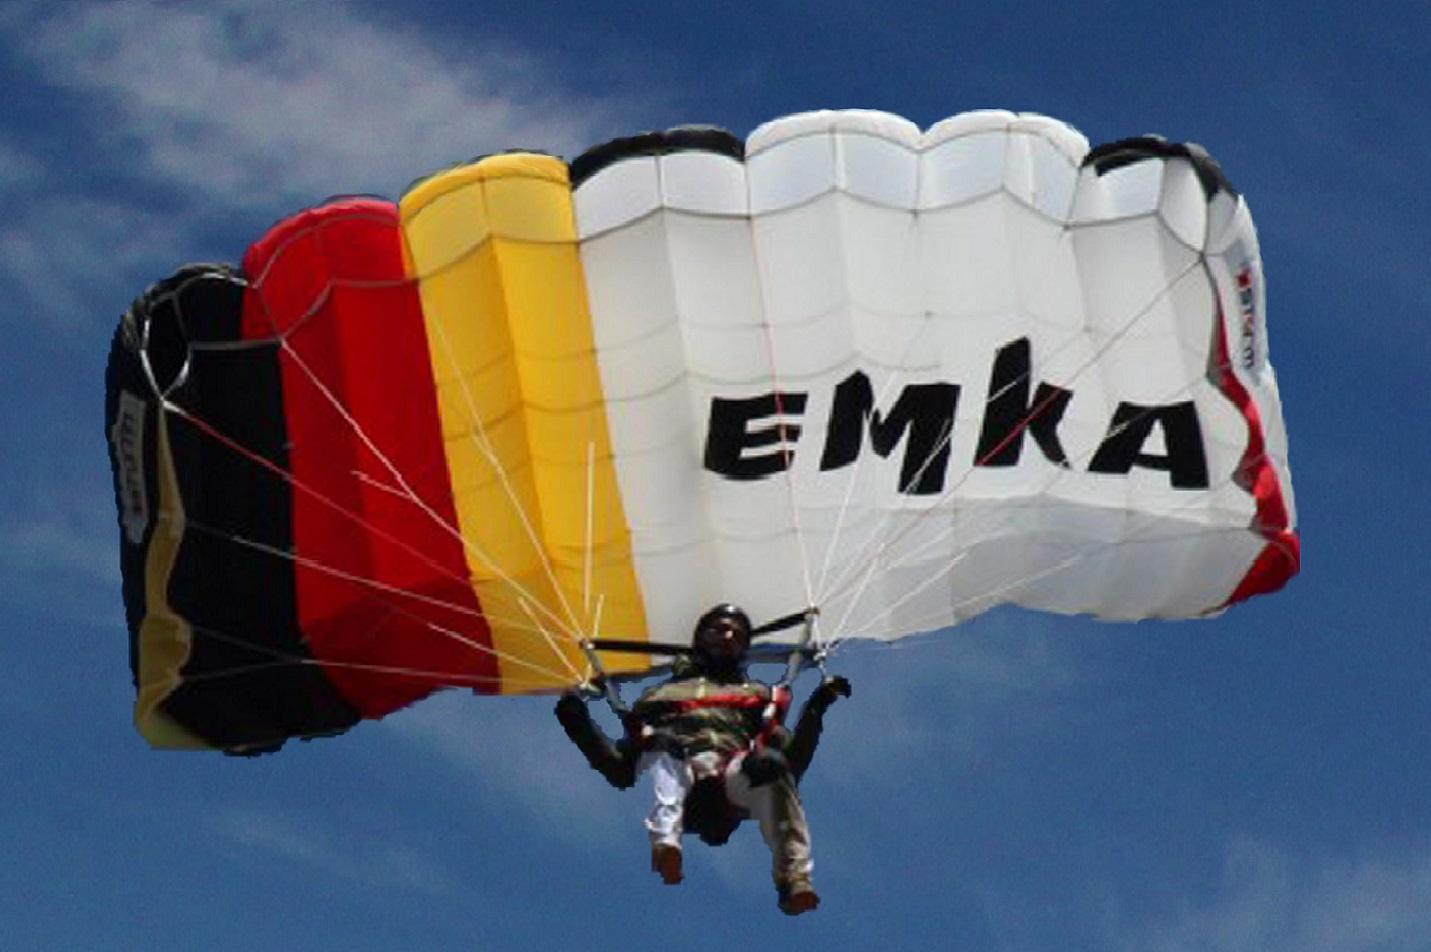 Skydiving_Deutschland-Cup im Zielspringen